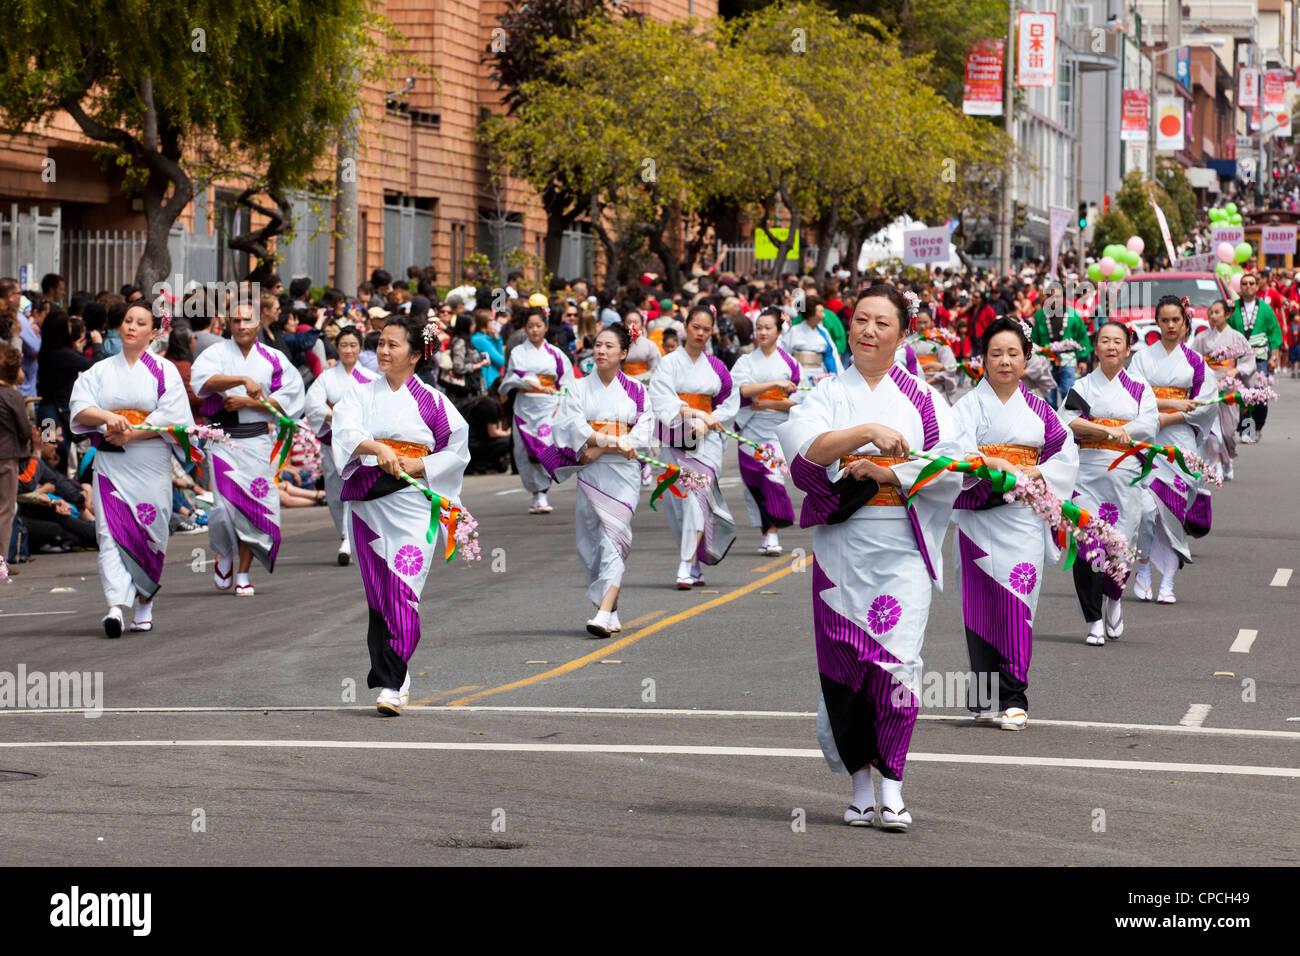 Las mujeres que realizan la danza tradicional japonesa en un desfile Imagen De Stock